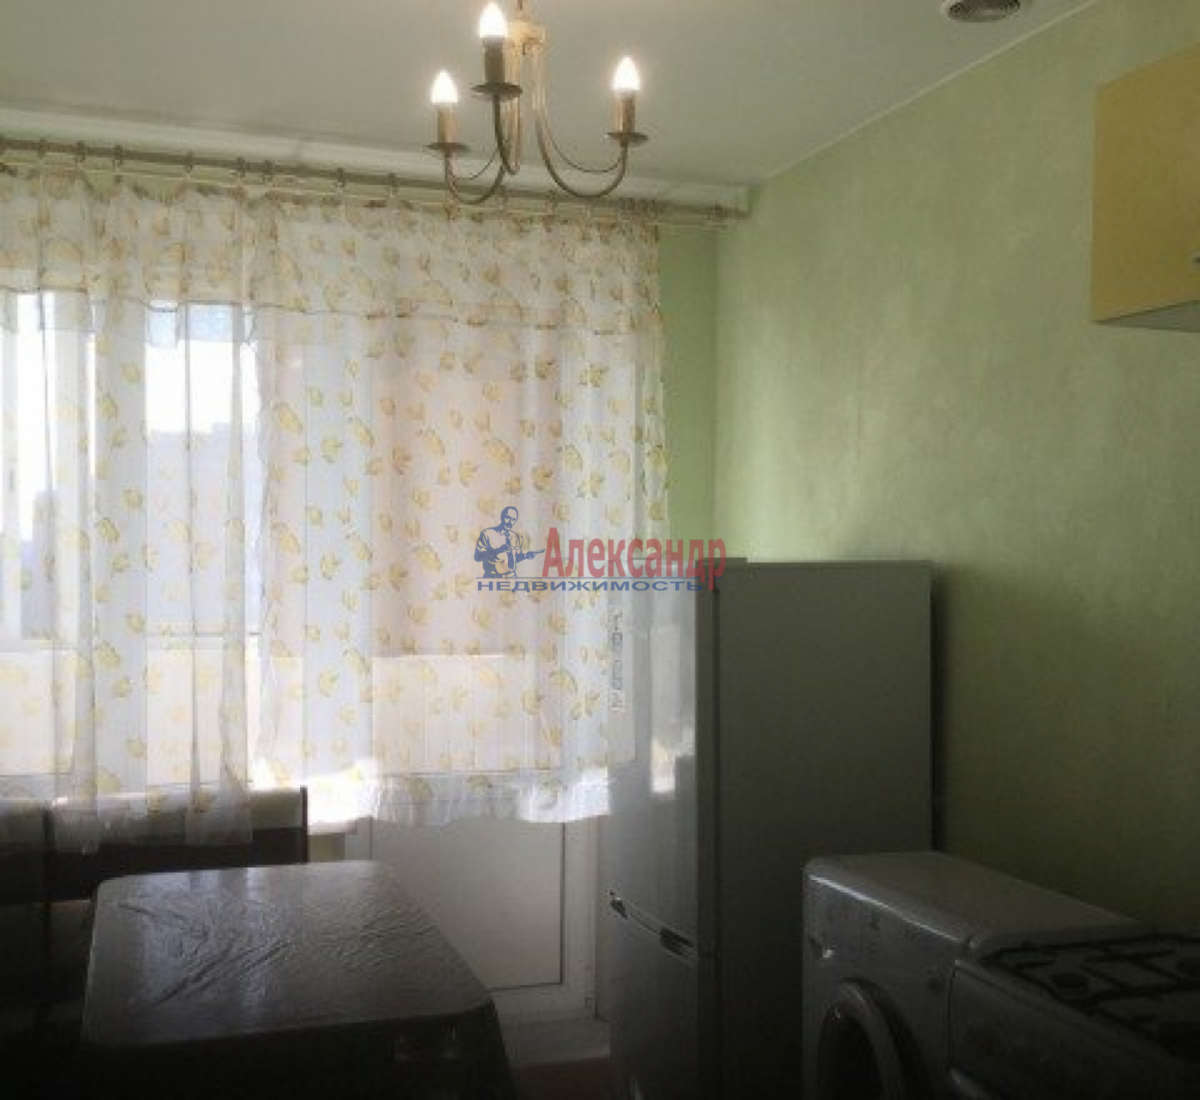 1-комнатная квартира (43м2) в аренду по адресу Дачный пр., 33— фото 2 из 9